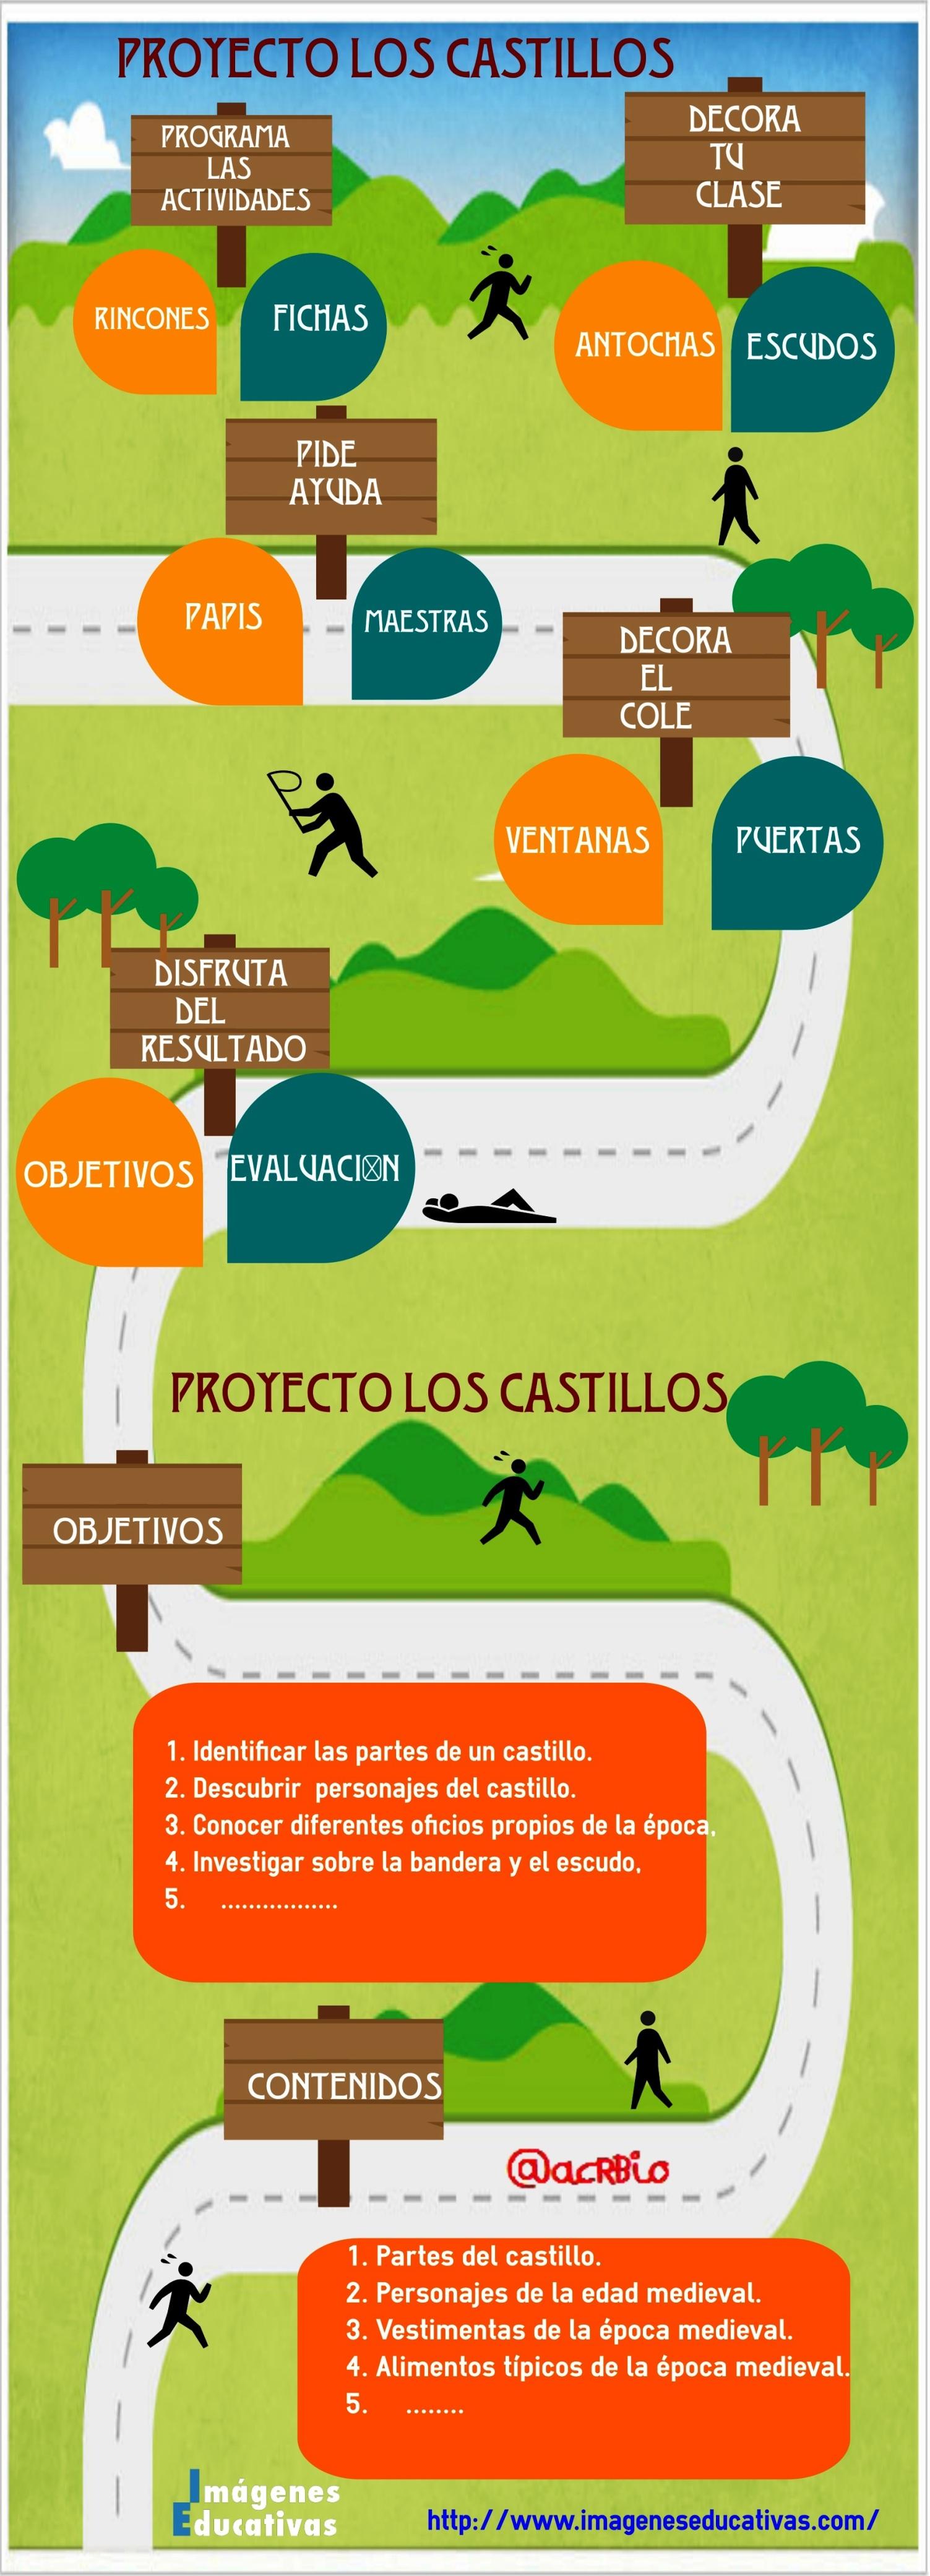 CASTILLOS.jpg (1503×4164) | Castillos, Proyectos